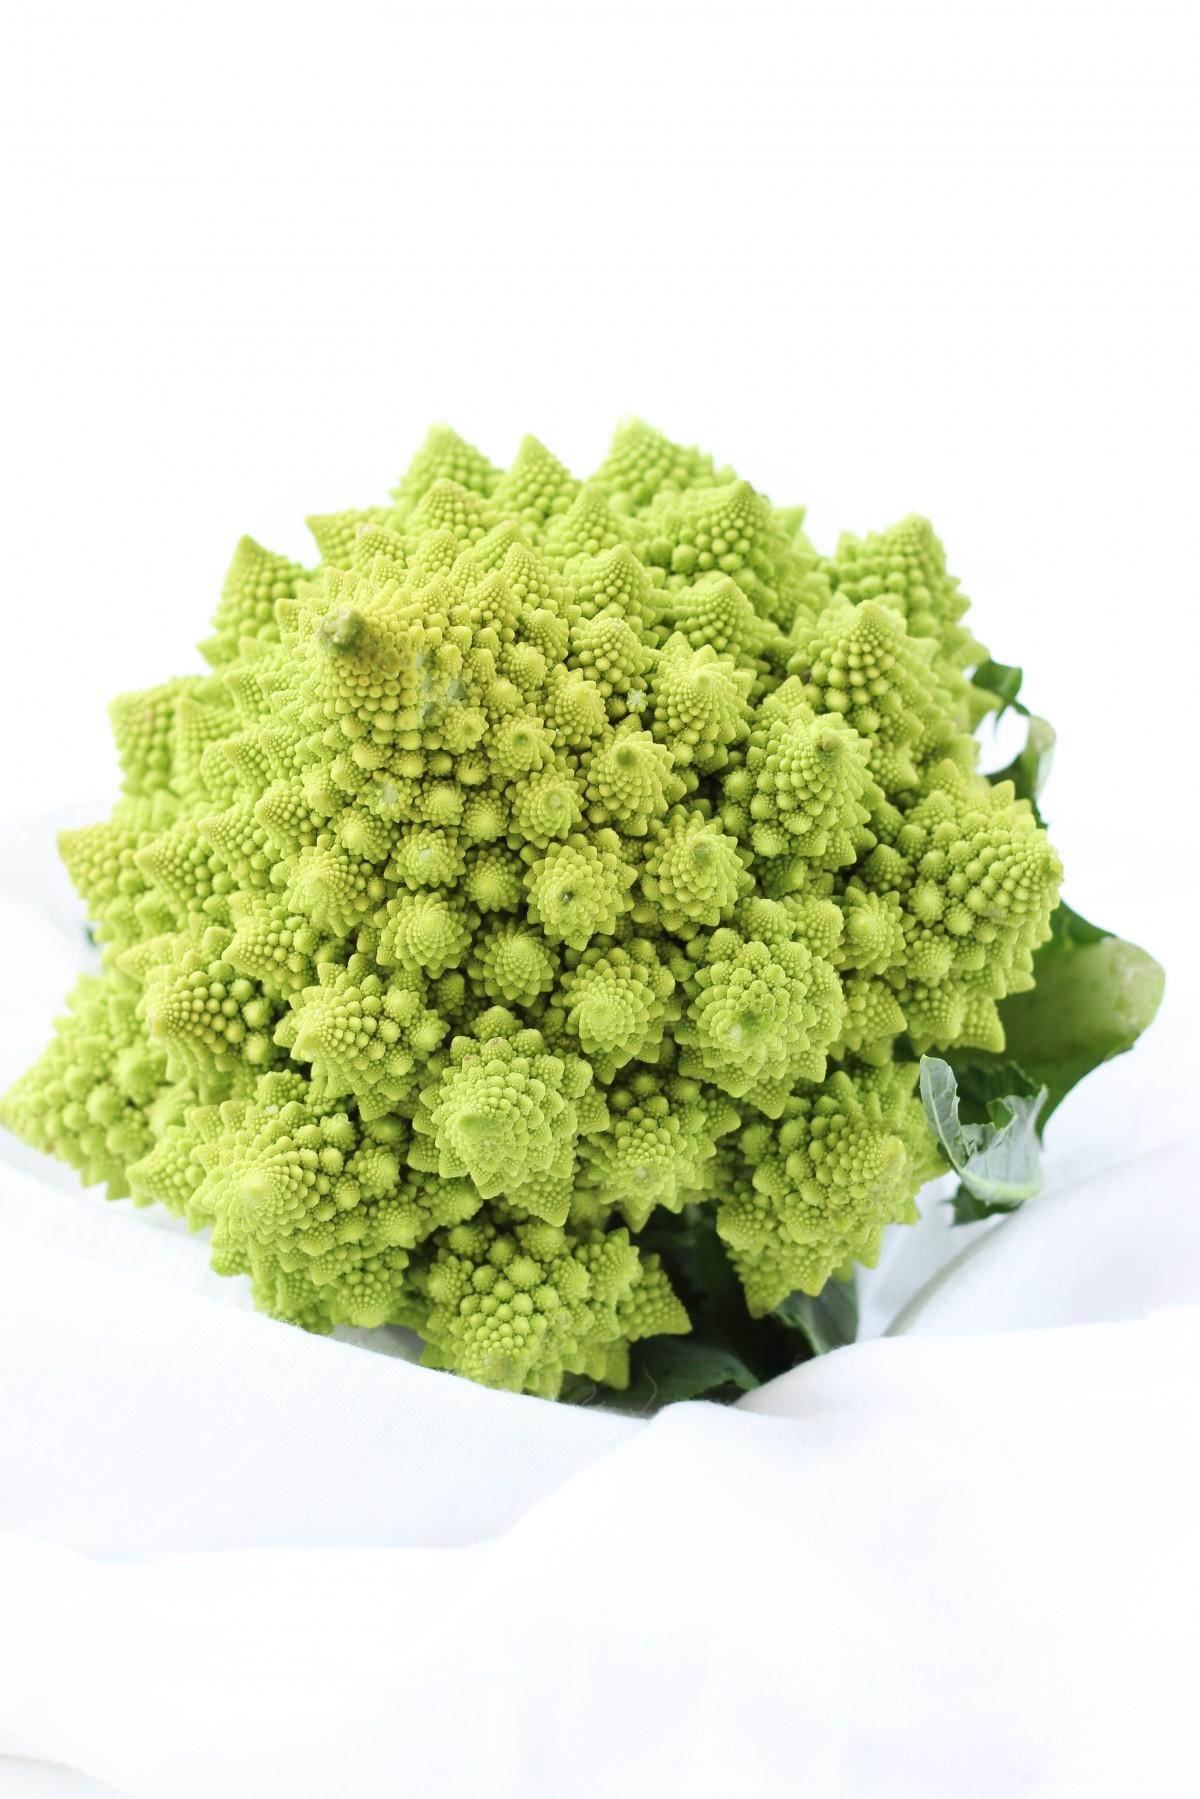 图片素材 厂 餐饮 绿色 草本植物 生产 西兰花 开花植物 陆地植物 叶蔬菜 3285x4927